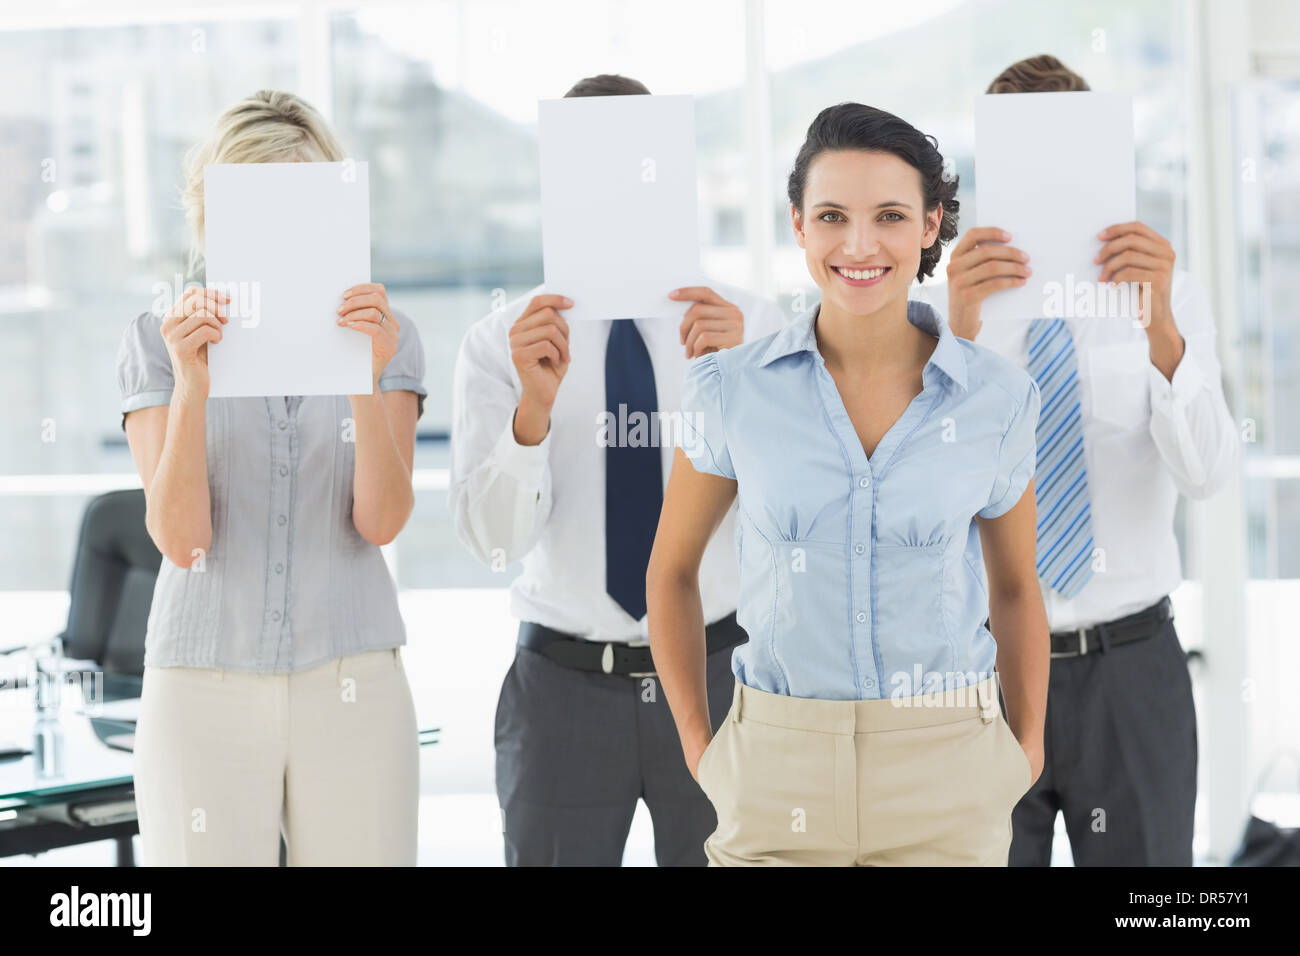 Geschäftsfrau mit Kollegen halten Blankopapier vor Gesichtern Stockfoto